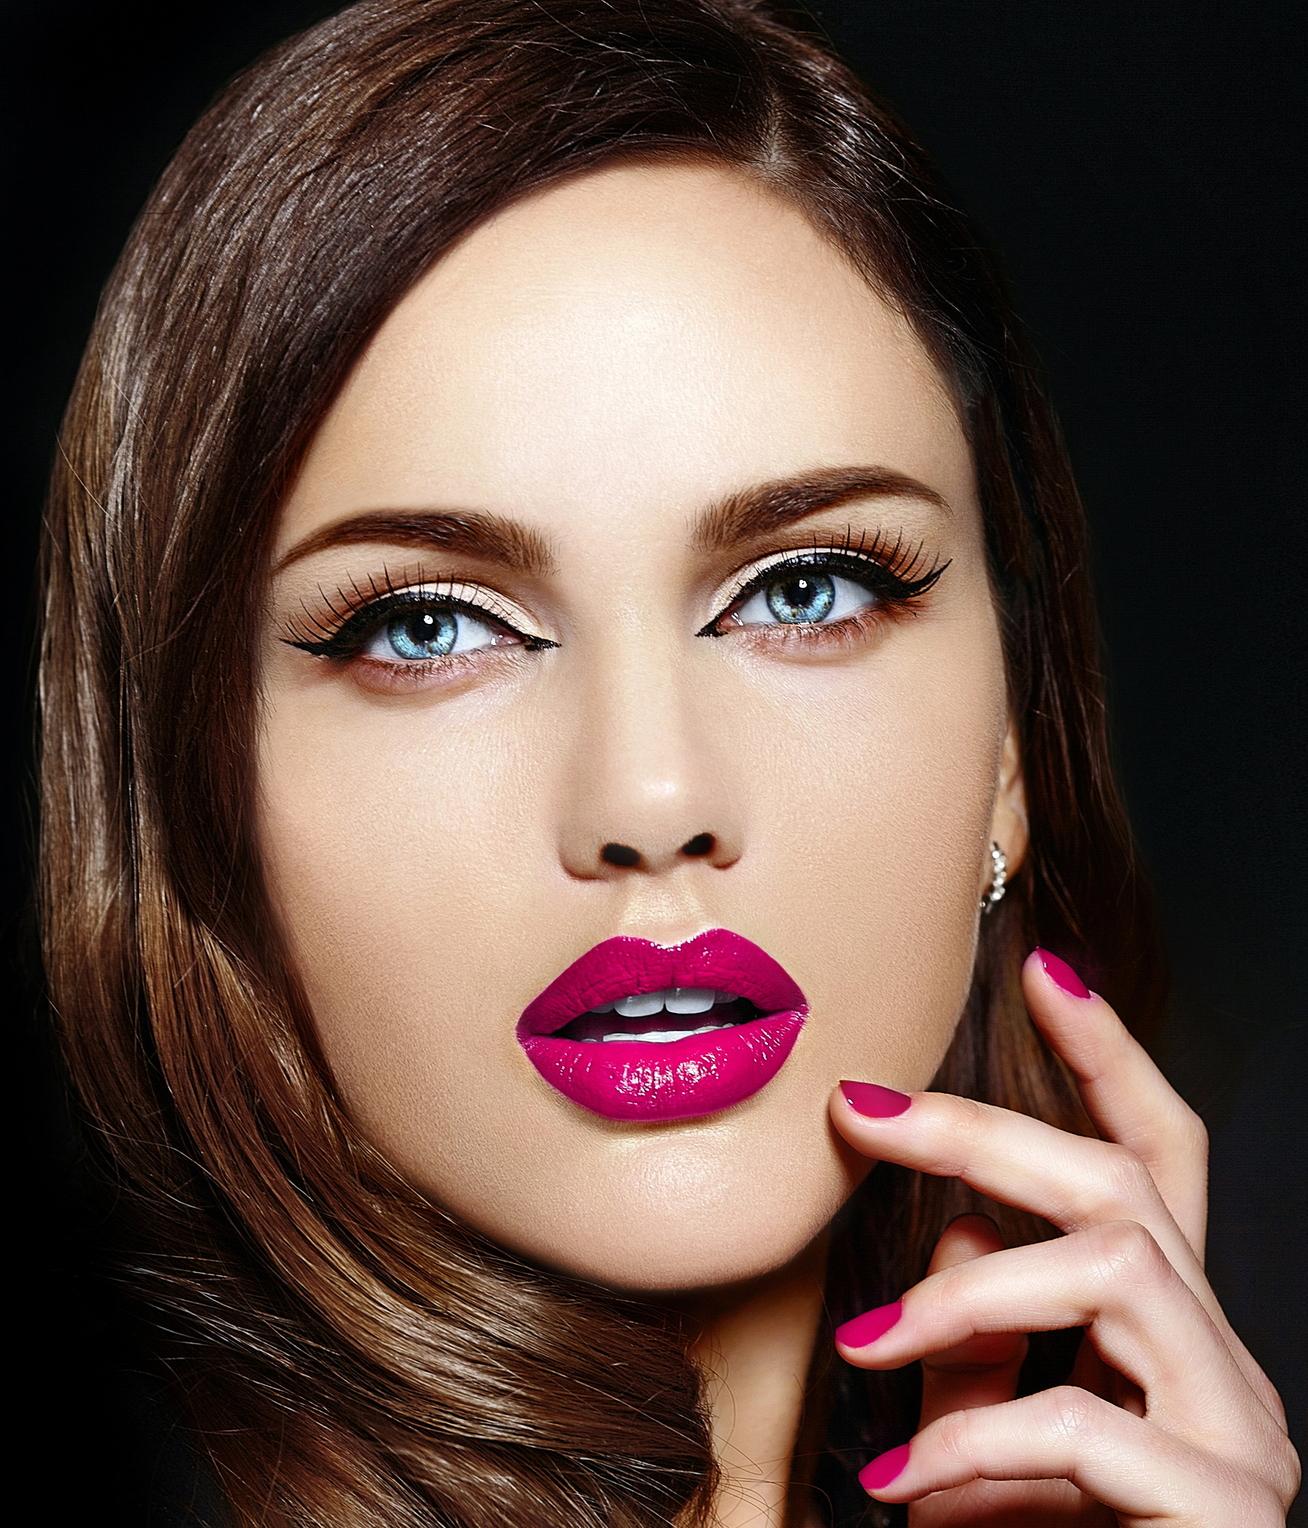 Не бойся пробовать в макияже что-то новое